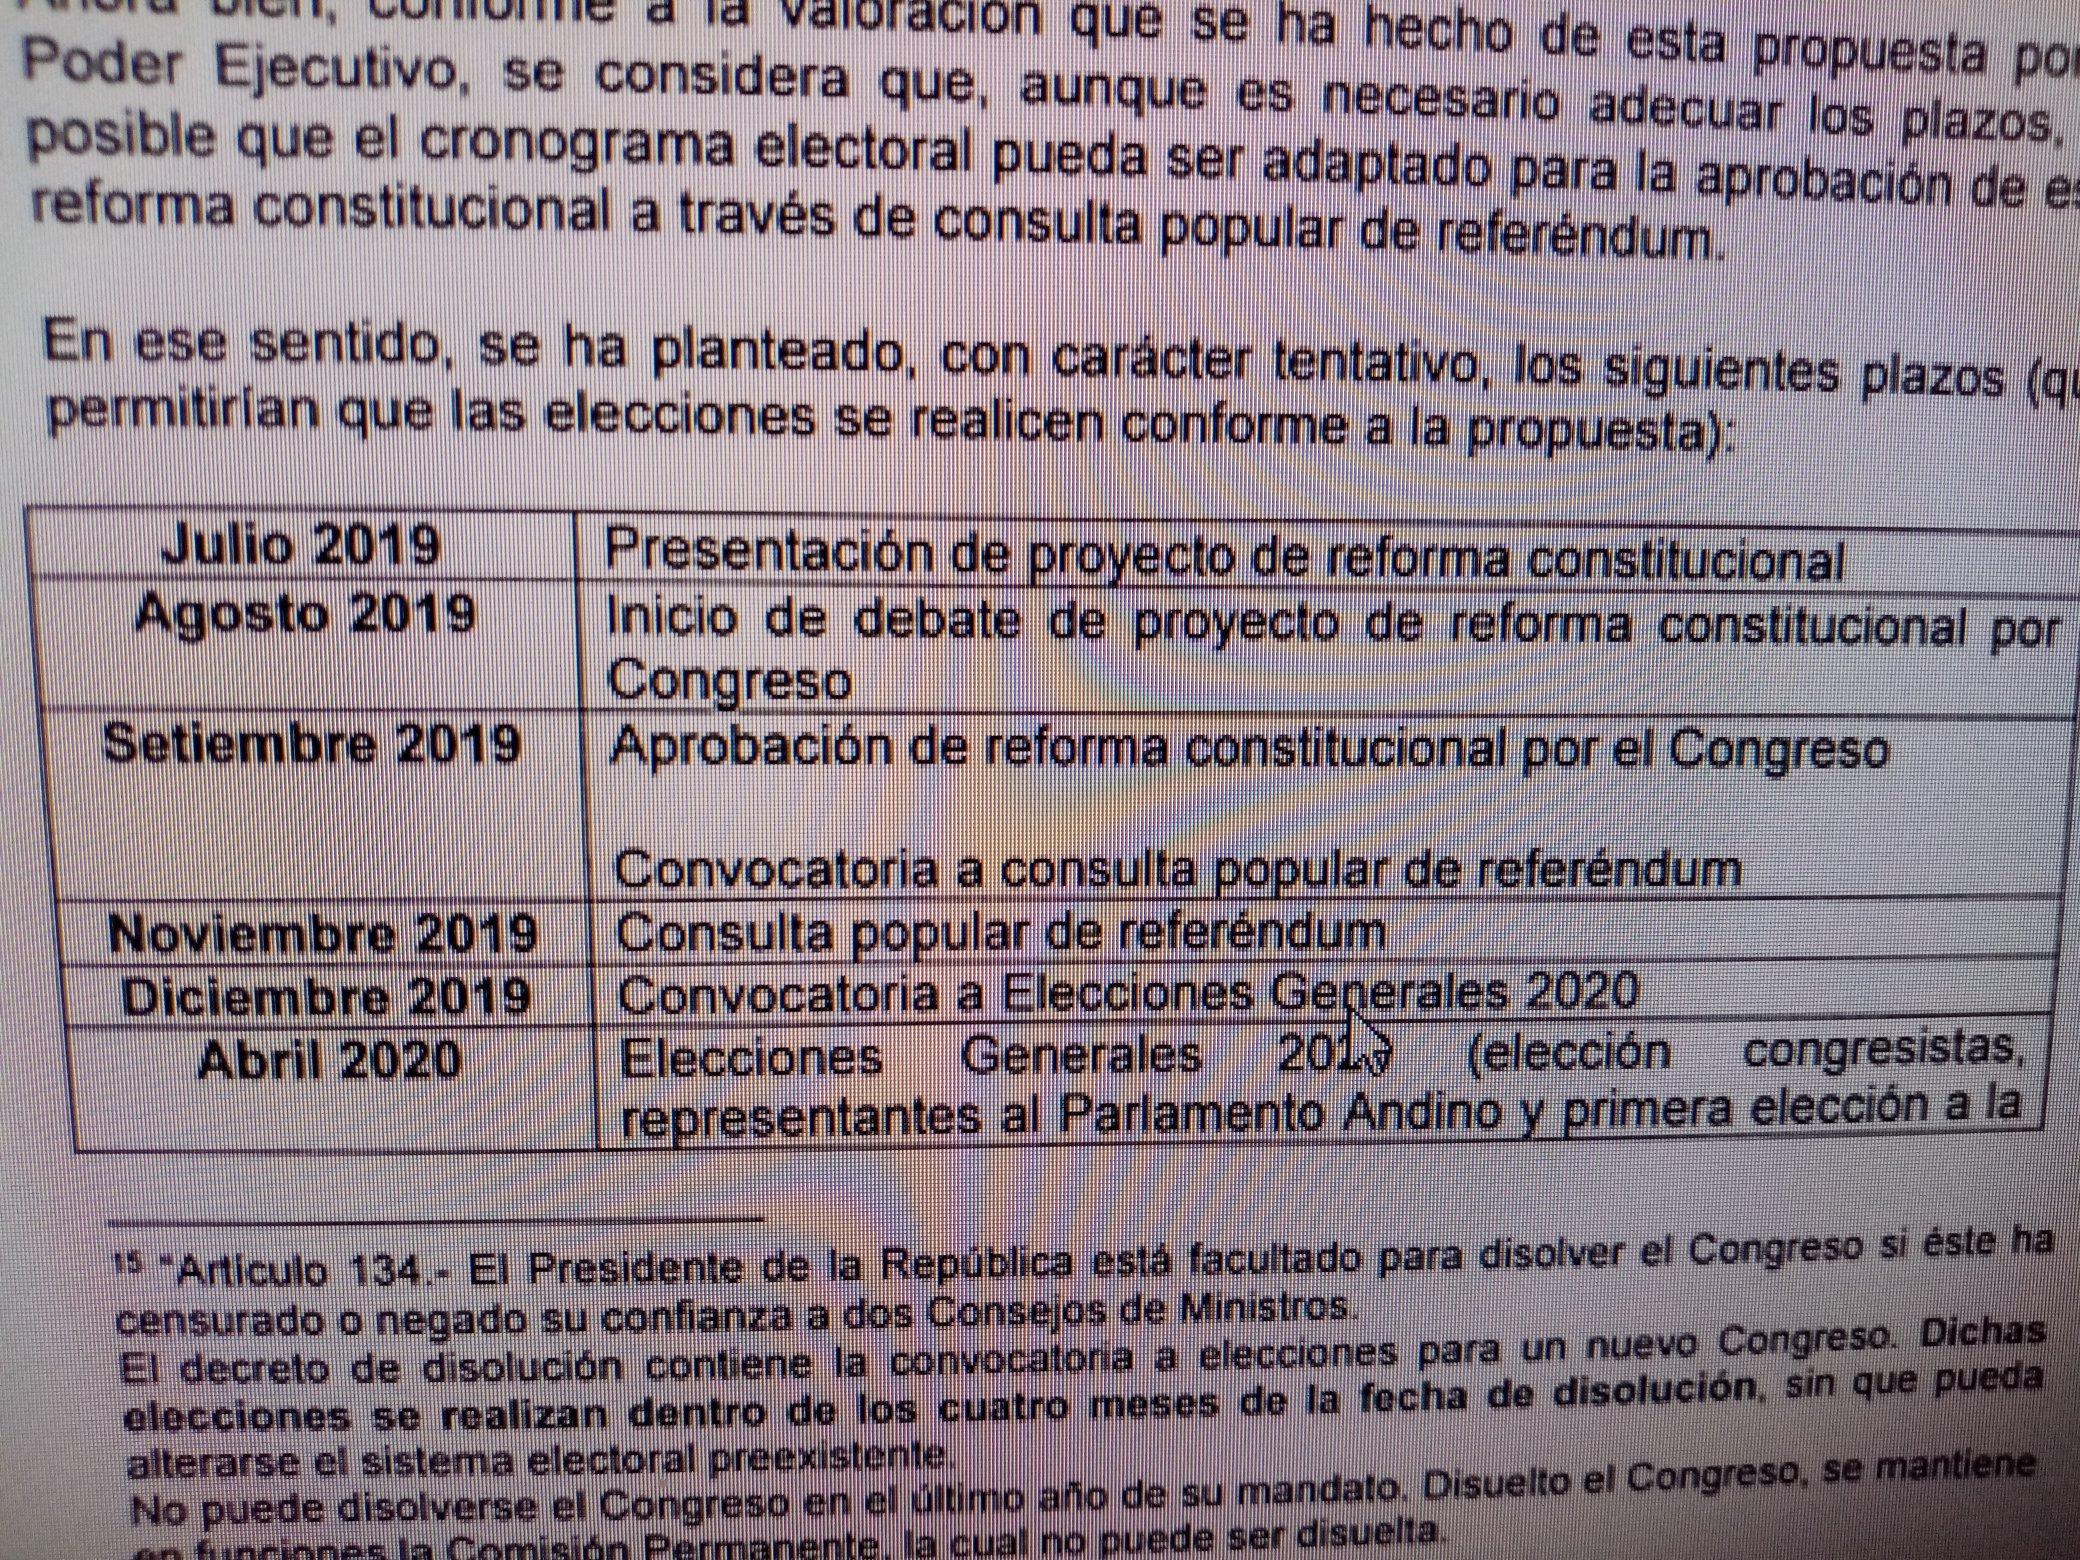 Calendario Elecciones 2020.Nuevo Cronograma Electoral Referendum En Noviembre Y Elecciones En